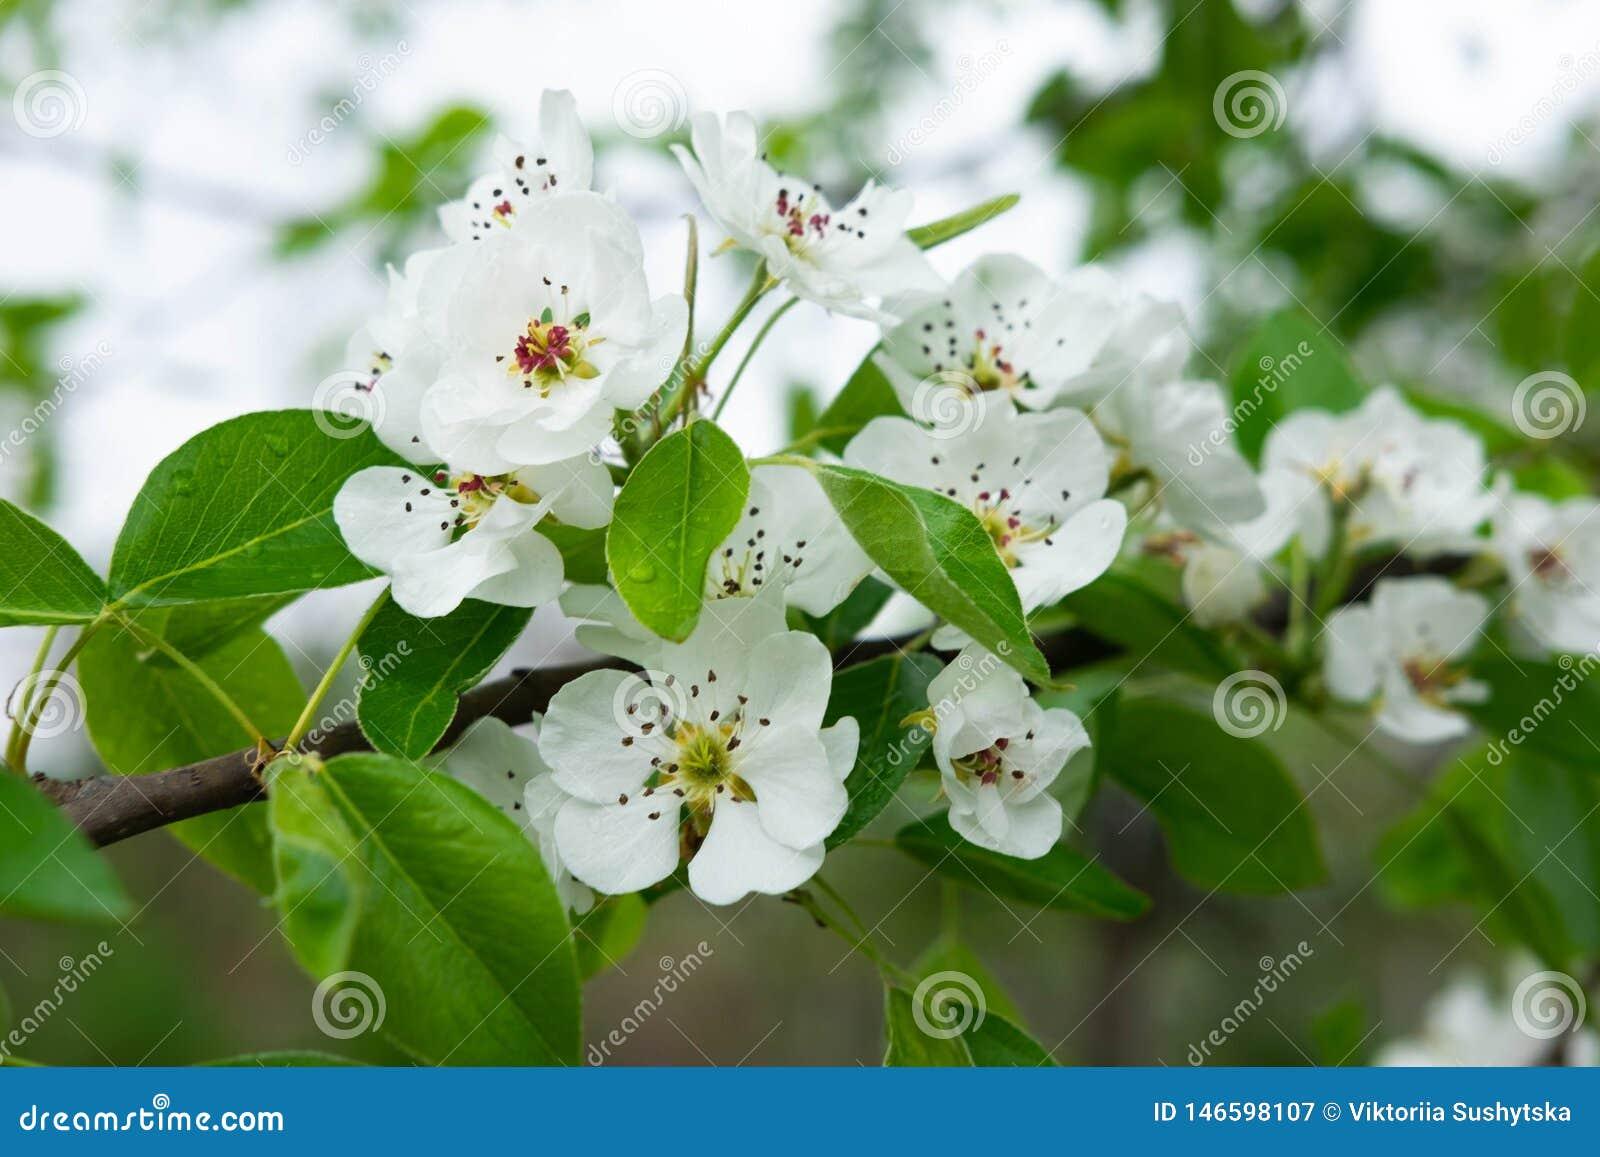 Μια φωτογραφία ενός κλάδου ενός ανθίζοντας δέντρου αχλαδιών Μακρο άσπρα λουλούδια άνοιξη πυροβολισμού του αχλαδιού